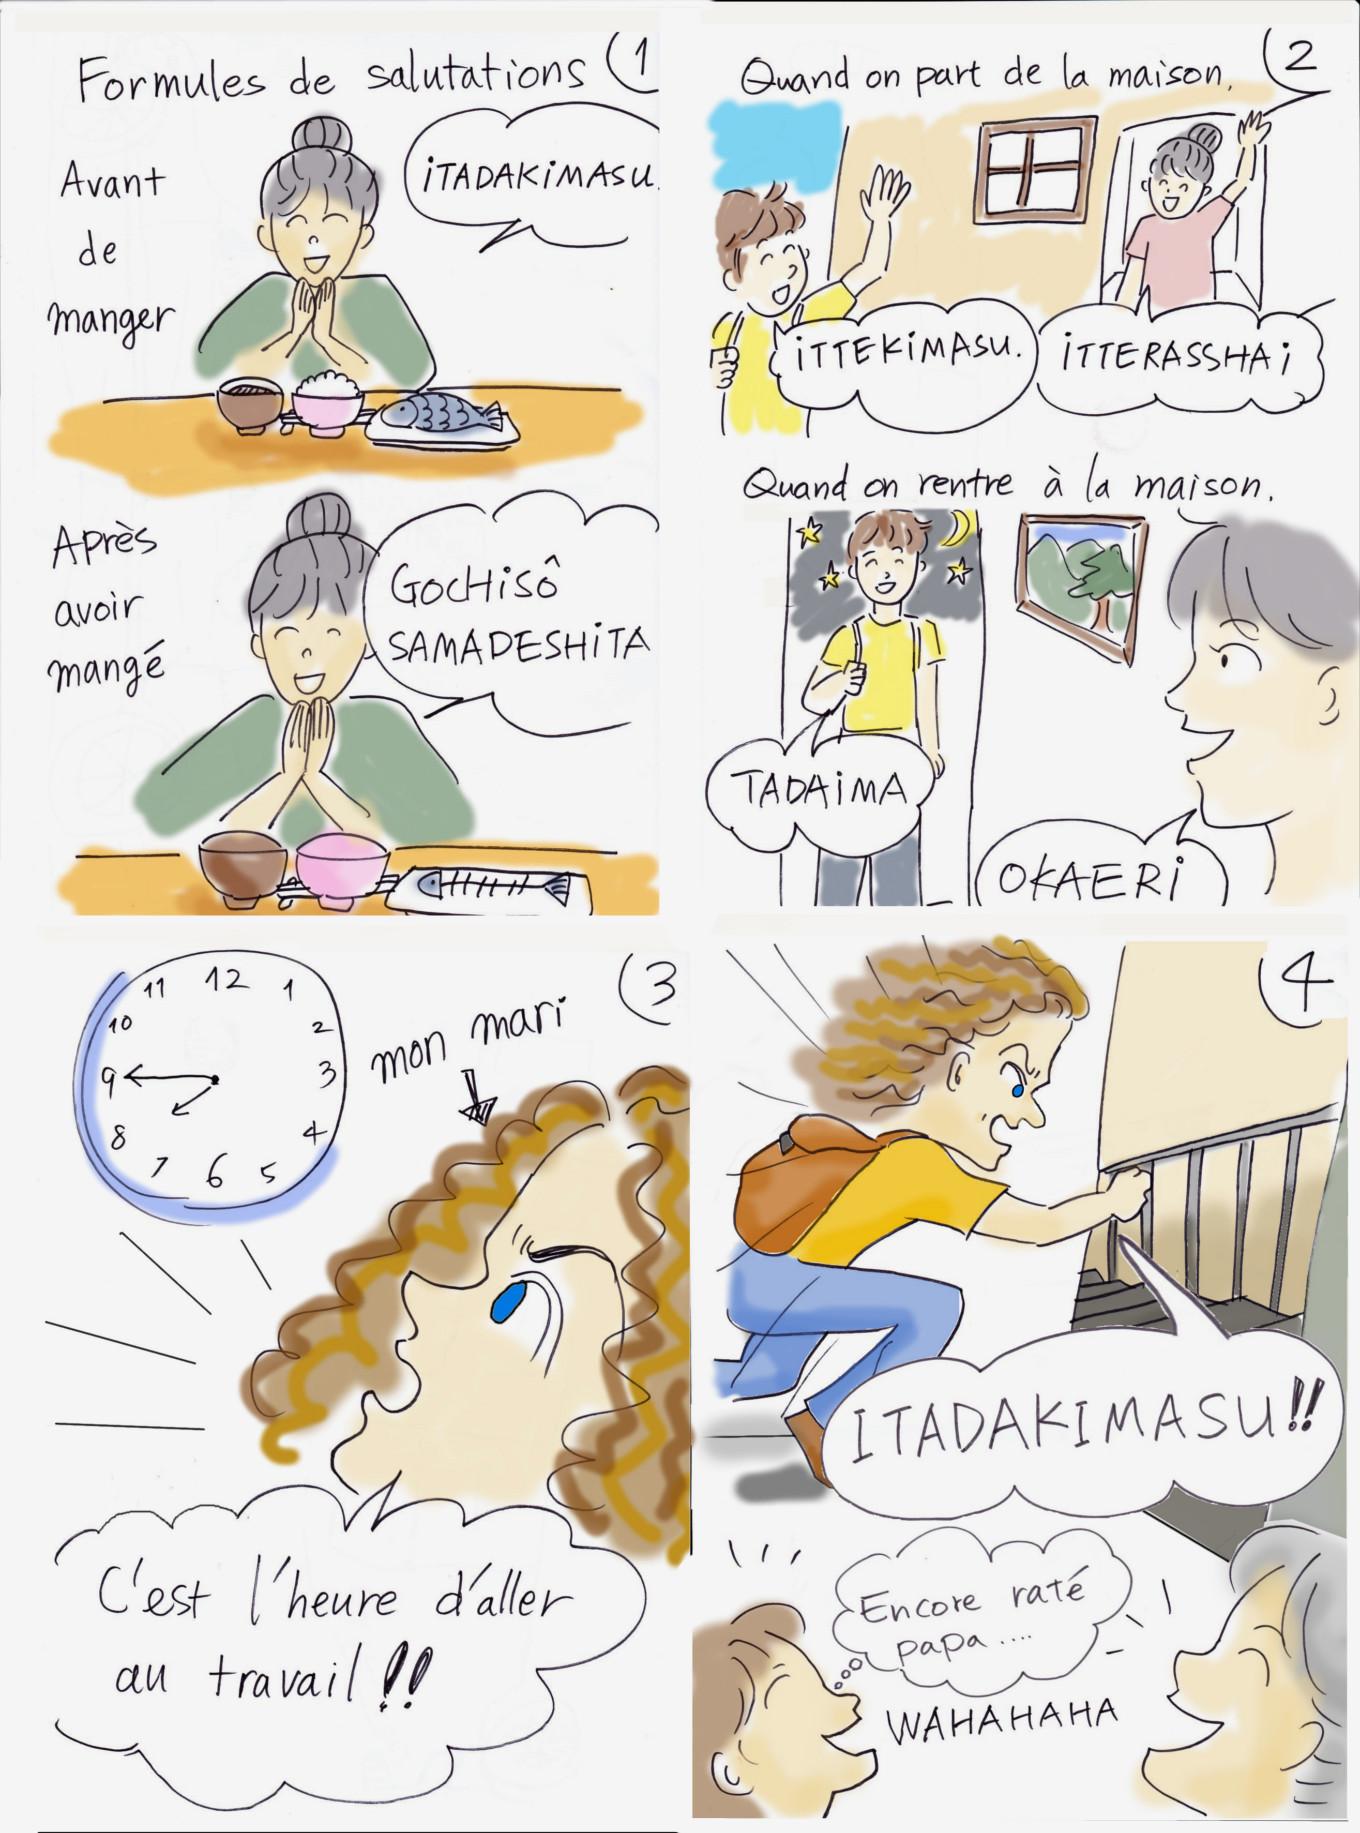 Cours de japonais : les formules de salutations